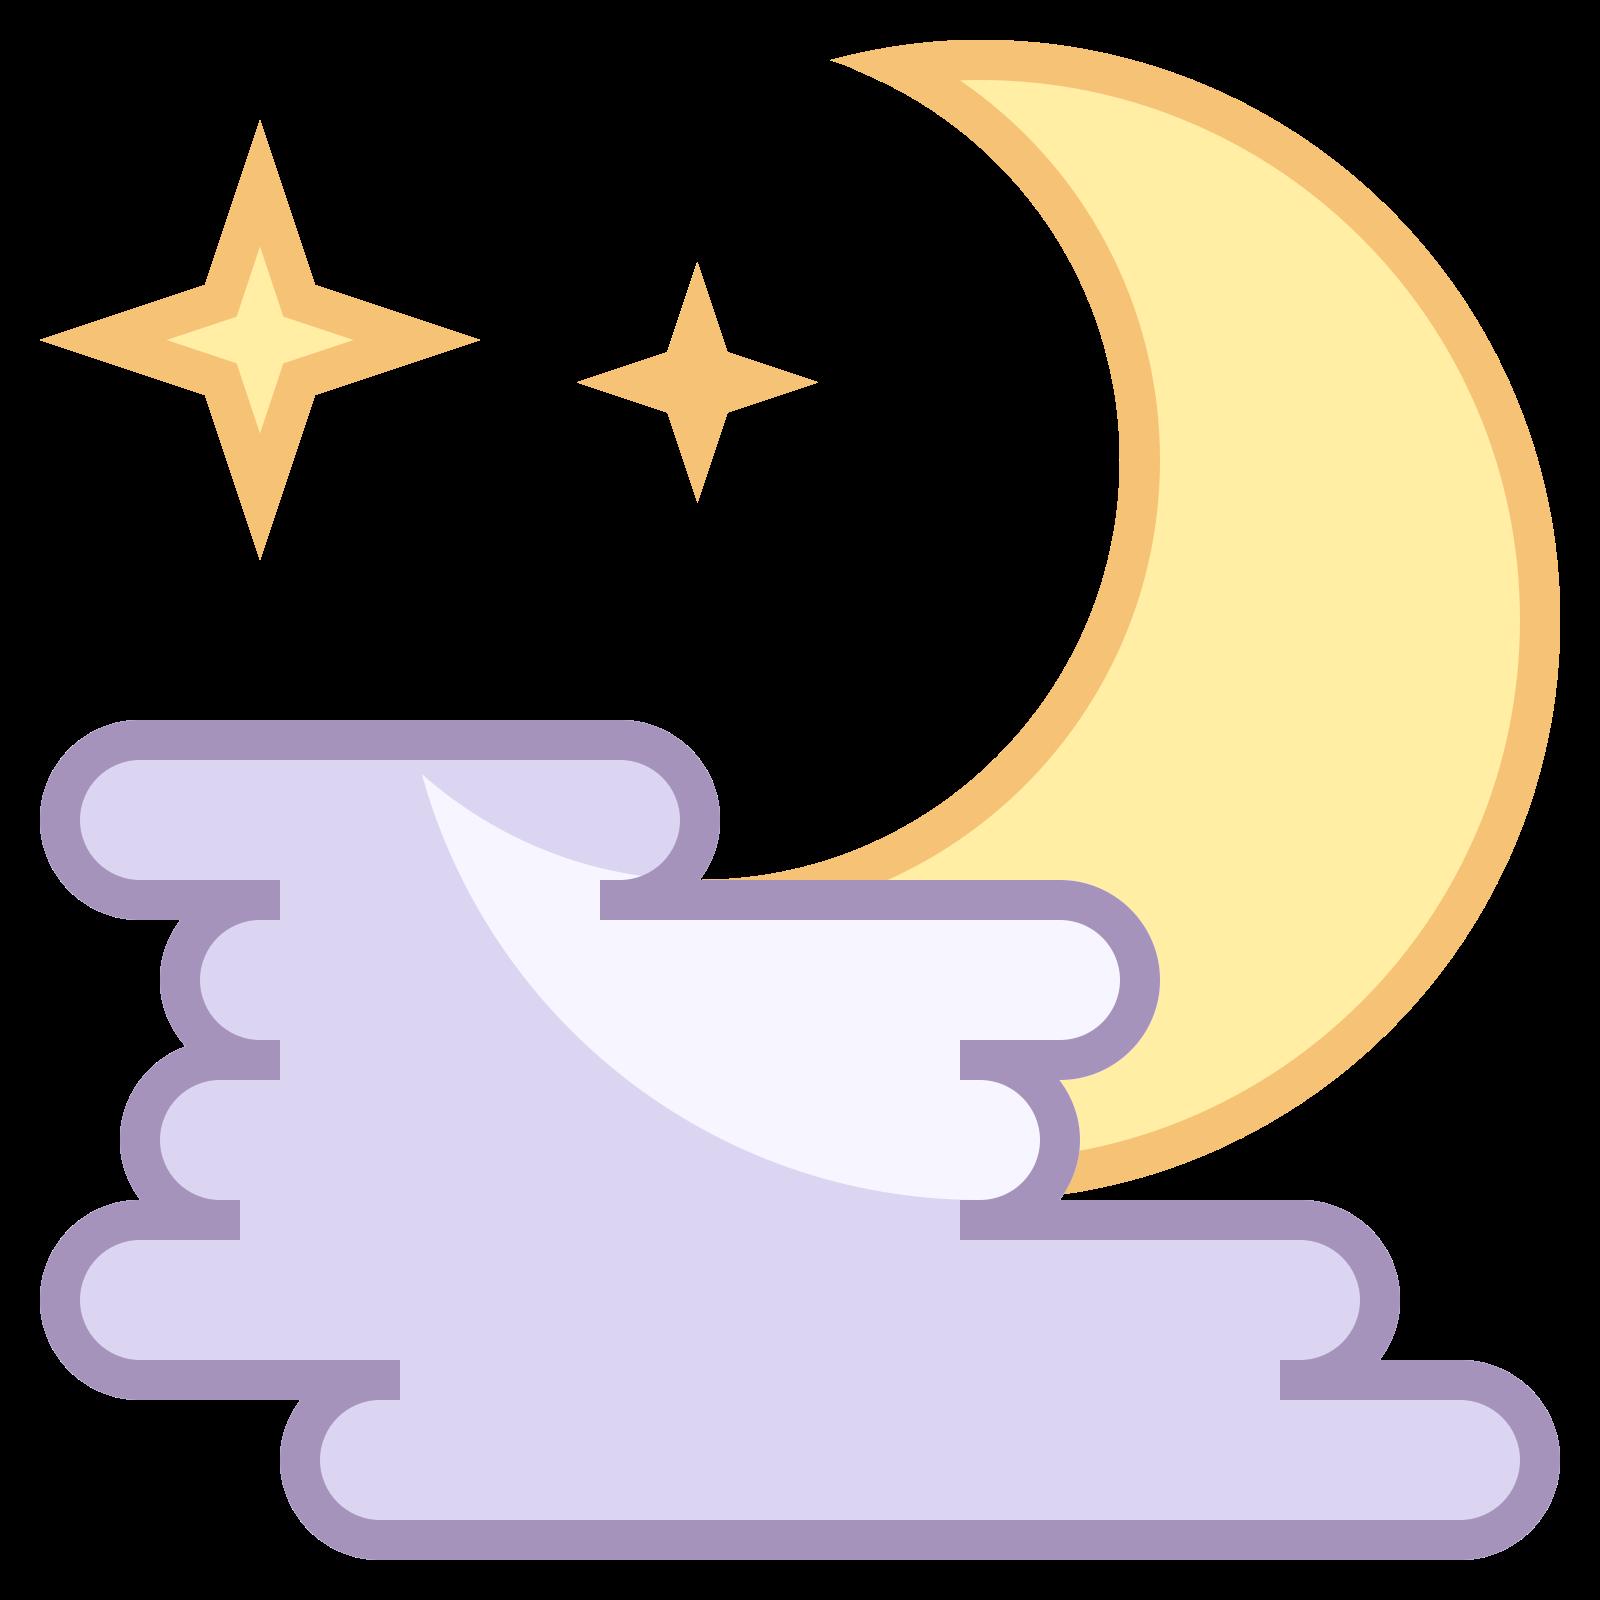 雾夜 icon. This icon is three small lines, staggered in an alternating way with half of a crescent moon shape drawn over it. The moon shape begins on the top of the top line and goes down on the right side of the three lines ending on the end of the third line.